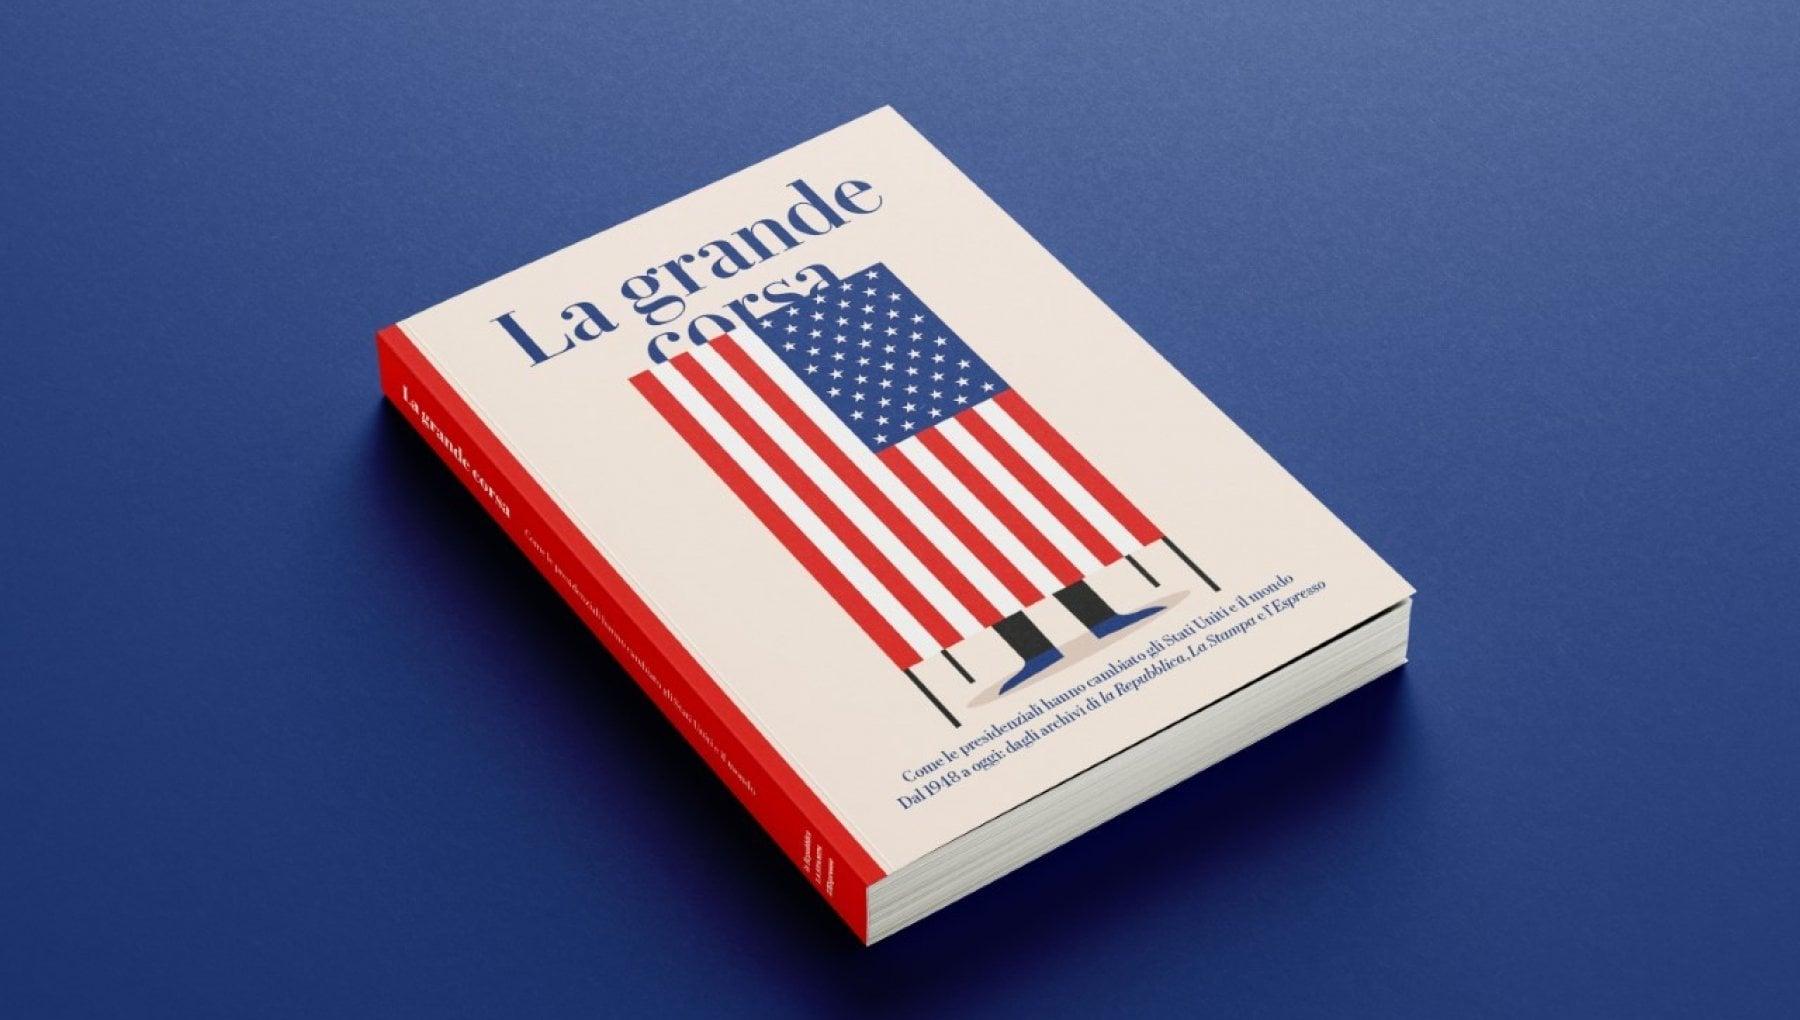 La grande corsa con Repubblica il libro per scoprire il voto americano